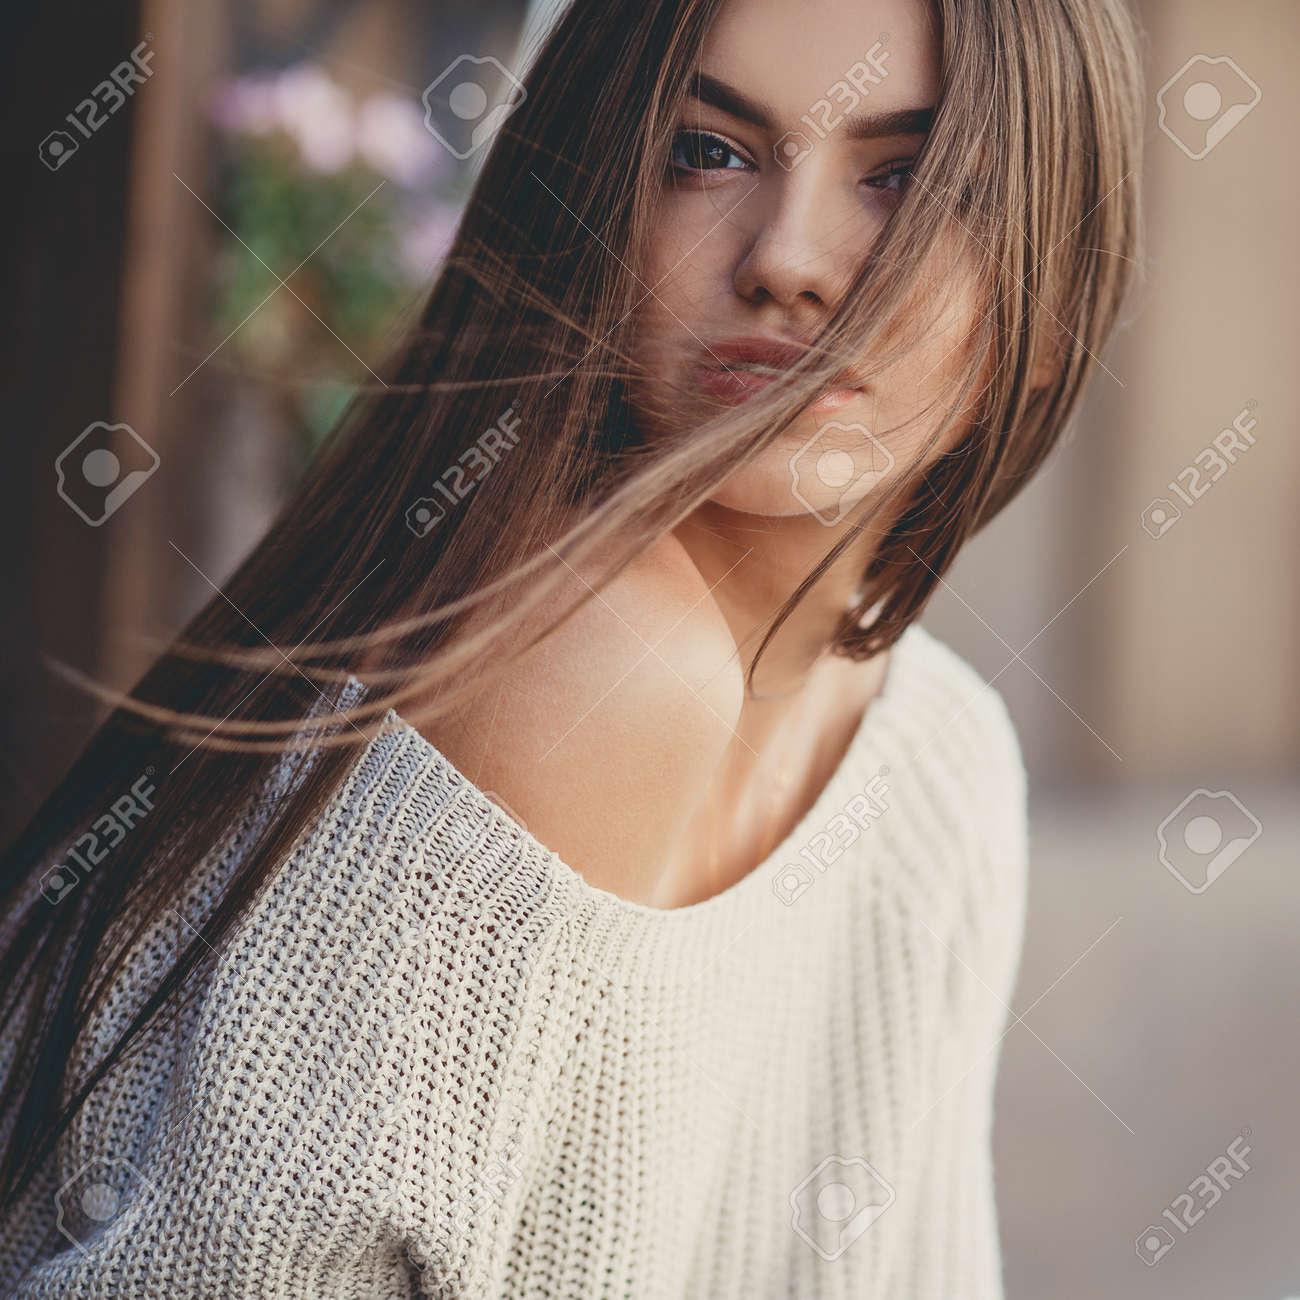 28e5706a4bce Herbst-Porträt Einer Schönen Jungen Frau, Elegant, Schlank, Schöne Frau,  Brünett Mit Langen Haaren, In Einem Weißen Pullover Für Einen Fotografen  Posiert In ...